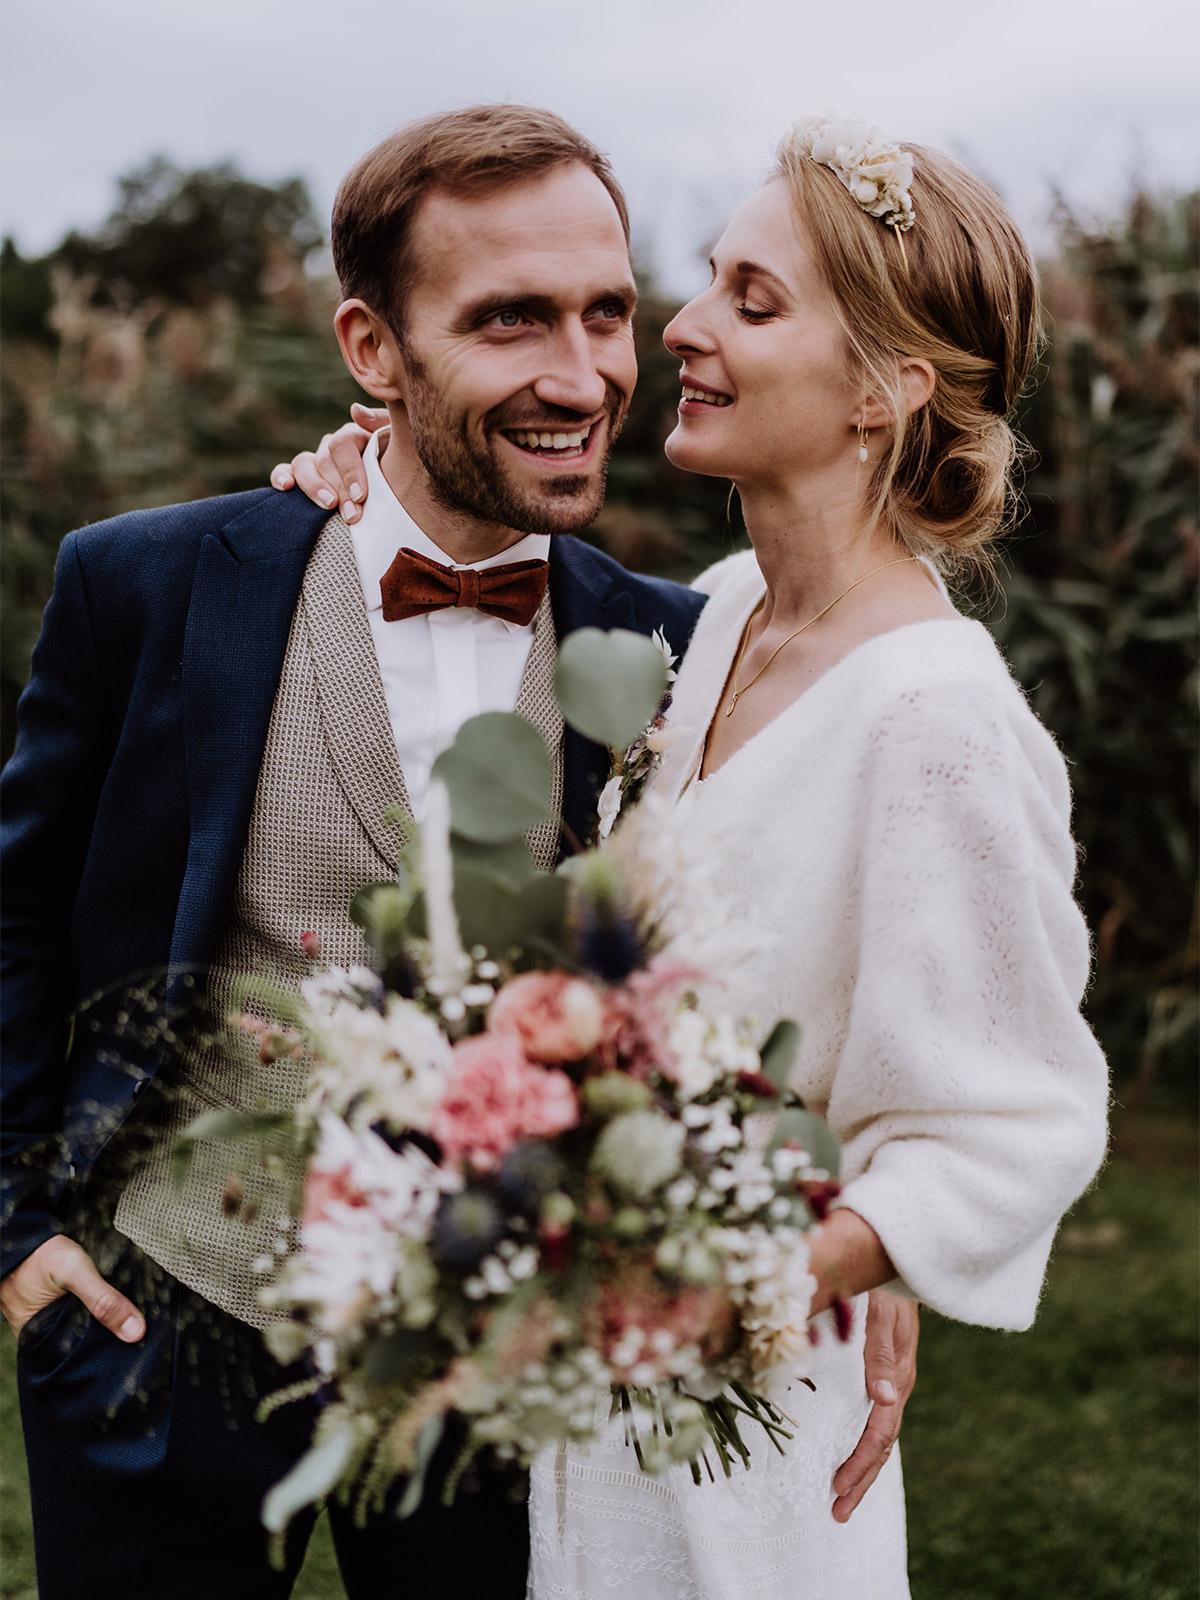 Hochzeitsoutfit Brautpaar im Herbst zum Standesamt: Die Braut trägt einen Haarreif und einen langen Pullover zu ihrem zweiteiligen Kleid. Der Bräutigam trägt eine braune Fliege zum dunkelblauen Hochzeitsanzug und der hellen Weste. © www.hochzeitslicht.de #hochzeitslicht